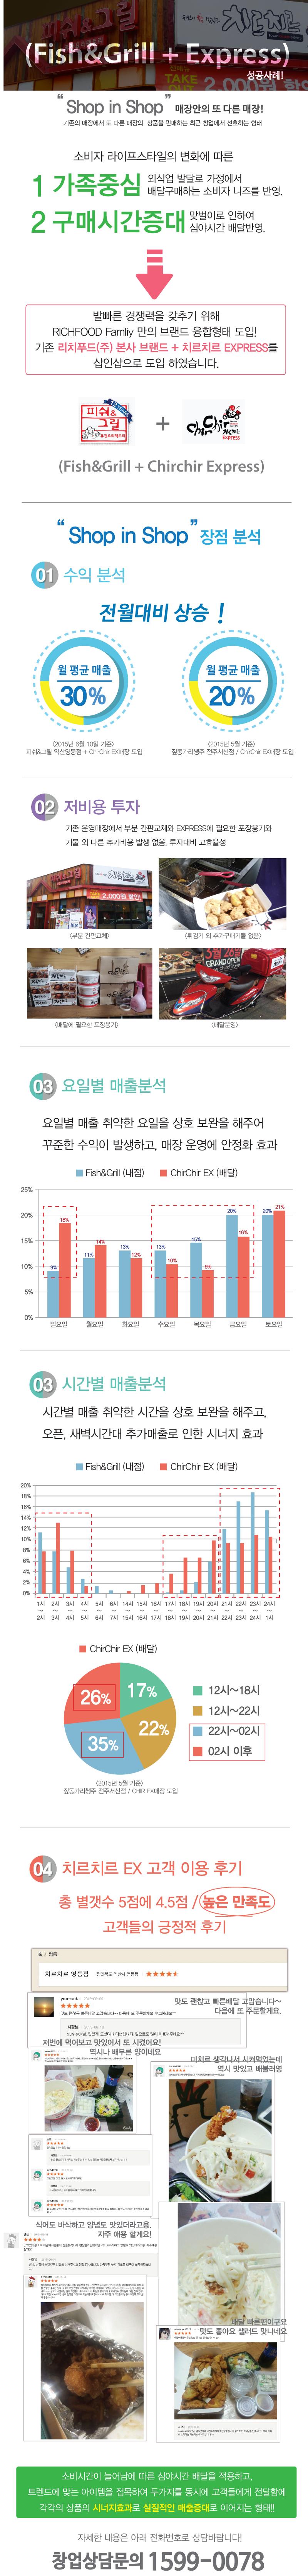 피쉬 샵인샵 홍보 - 수정 copy.jpg